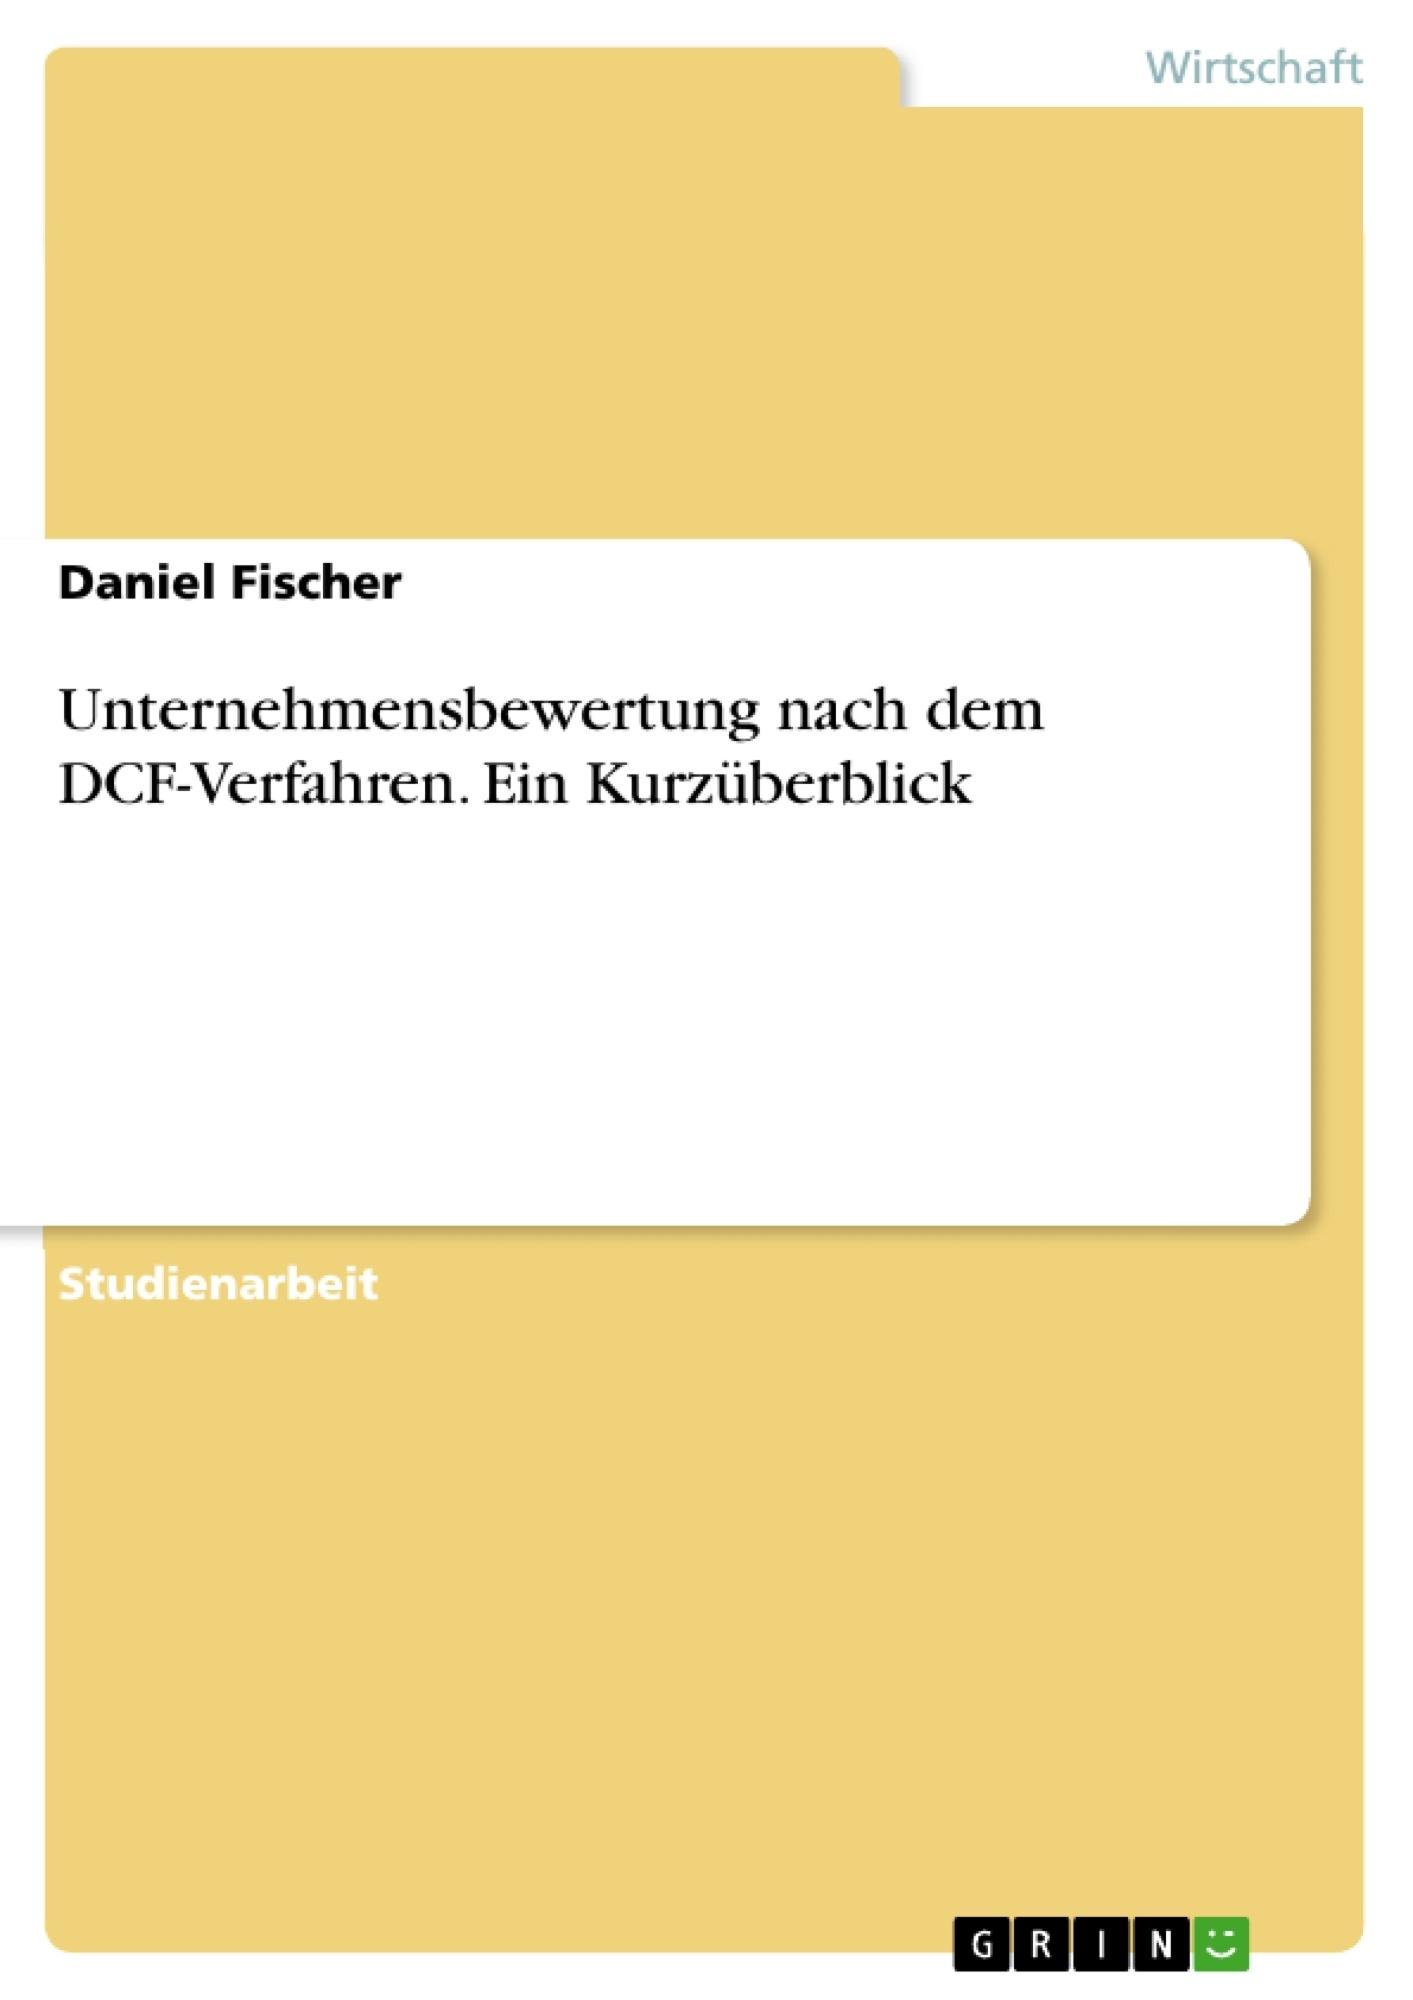 Titel: Unternehmensbewertung nach dem DCF-Verfahren. Ein Kurzüberblick